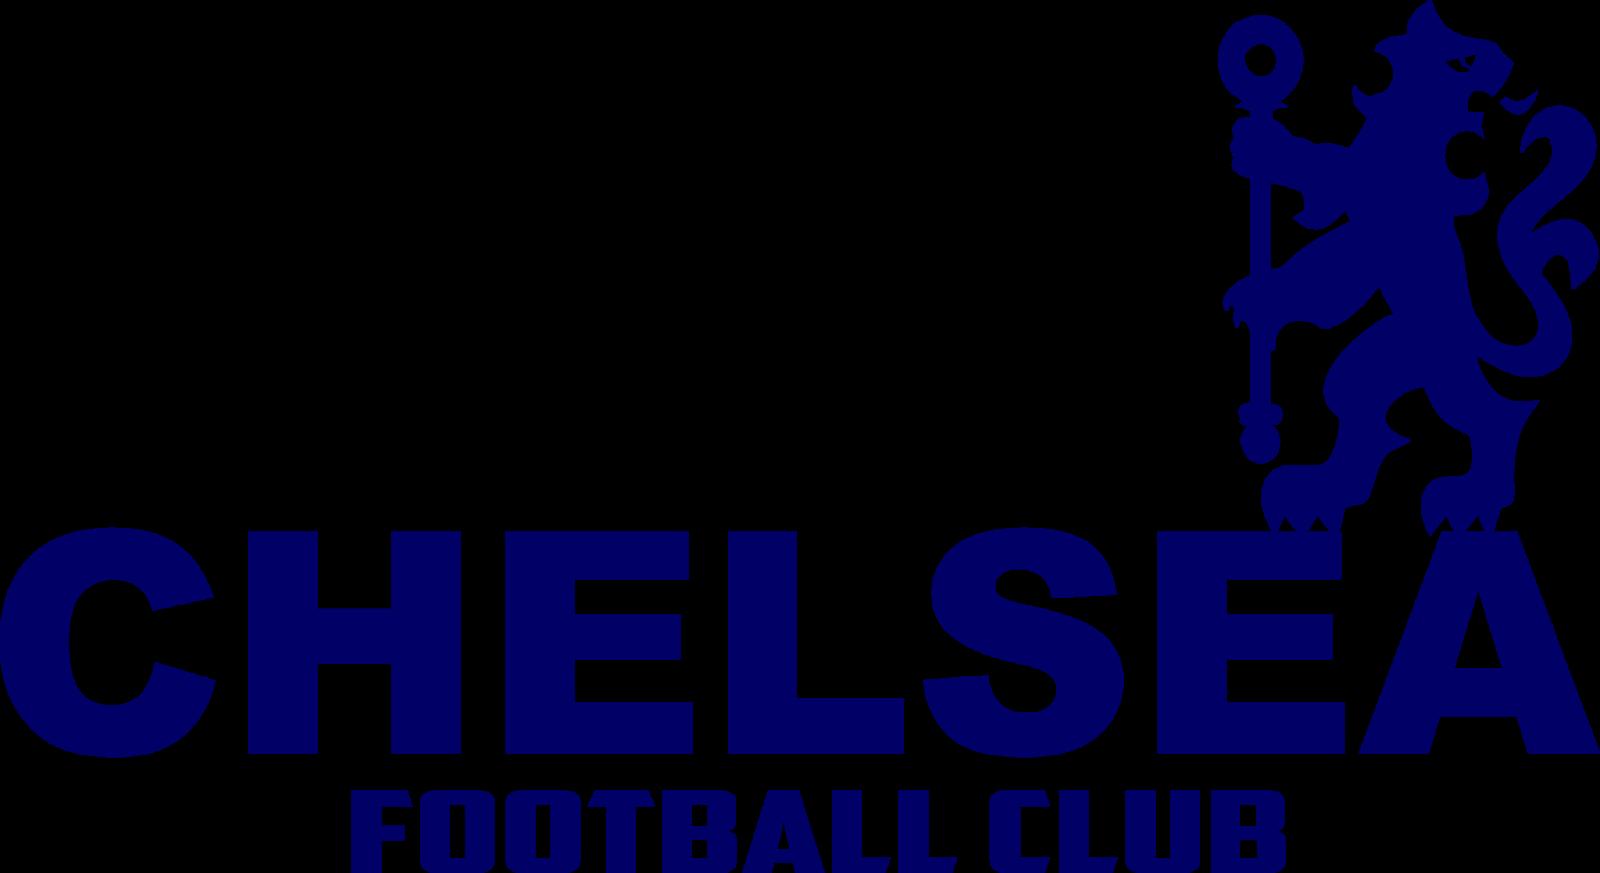 Chelsea chelsea jacket size fc anthem large 542622181 blues adidas.